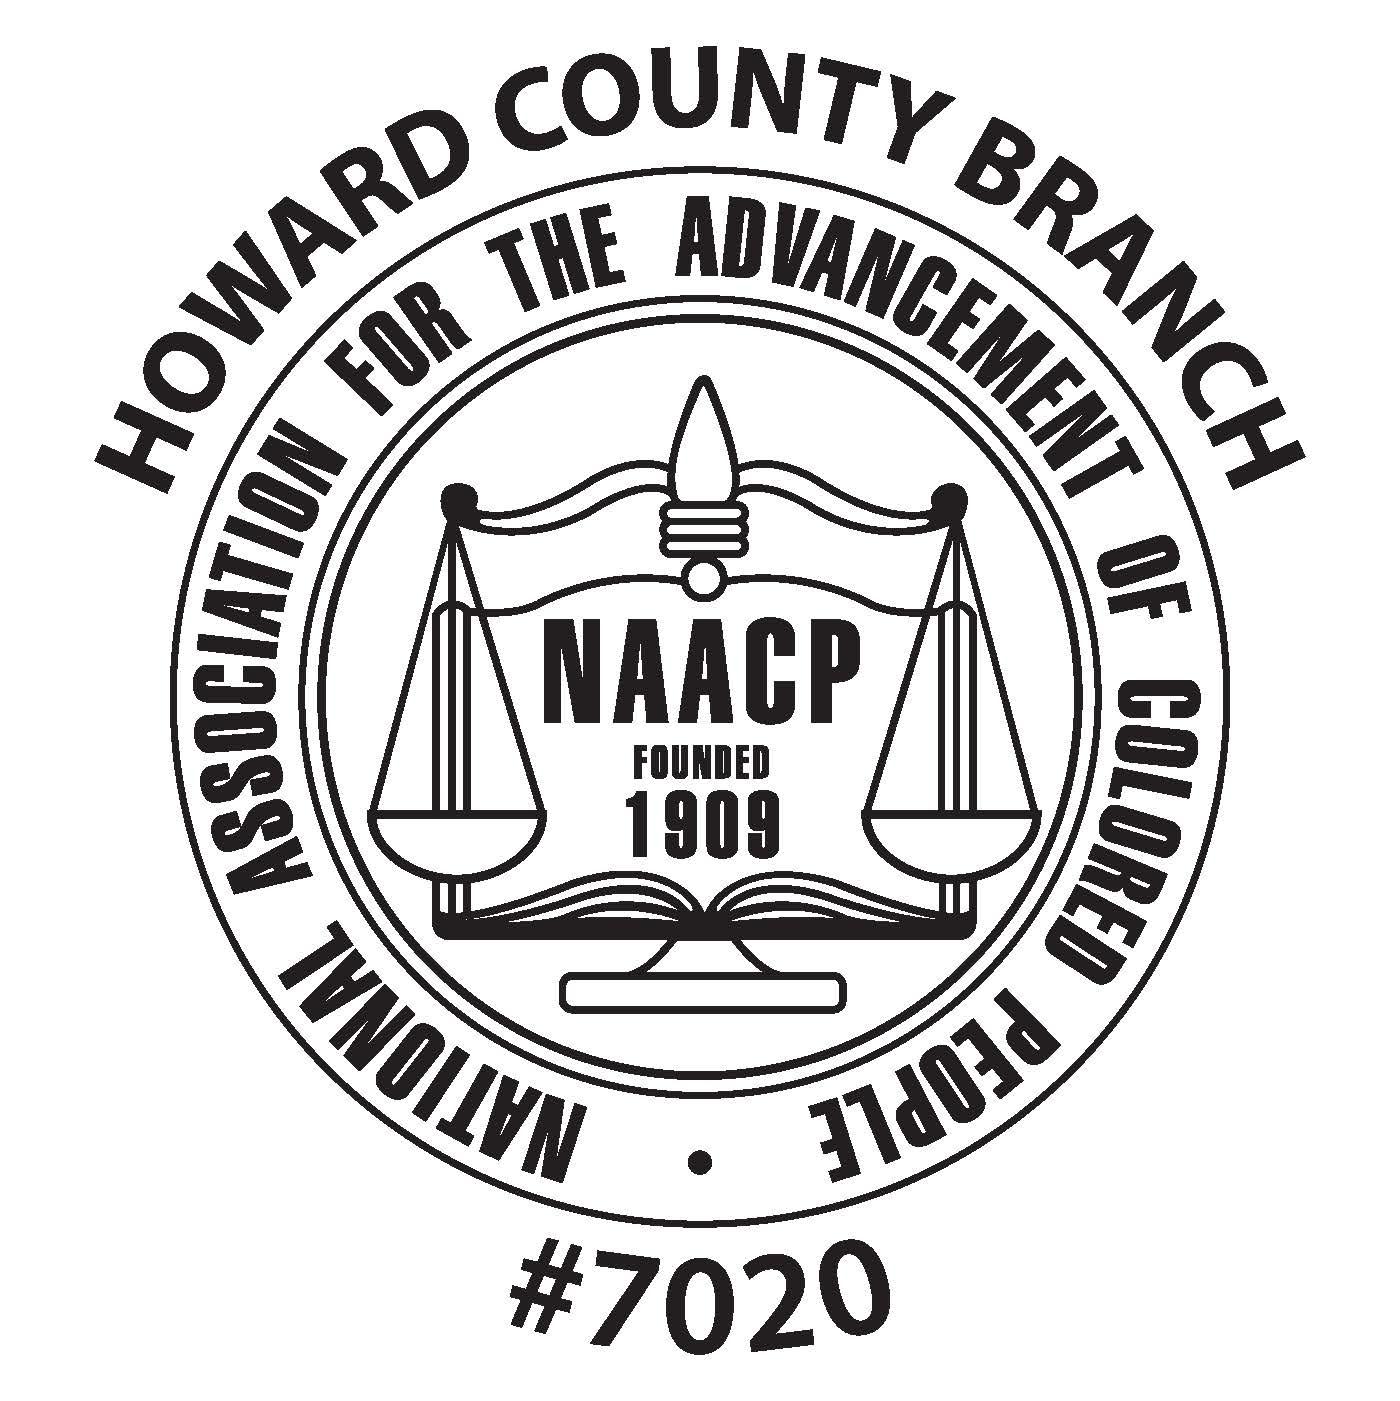 NAACP_Howard_Co_7020_seal_logo_jpeg.jpg